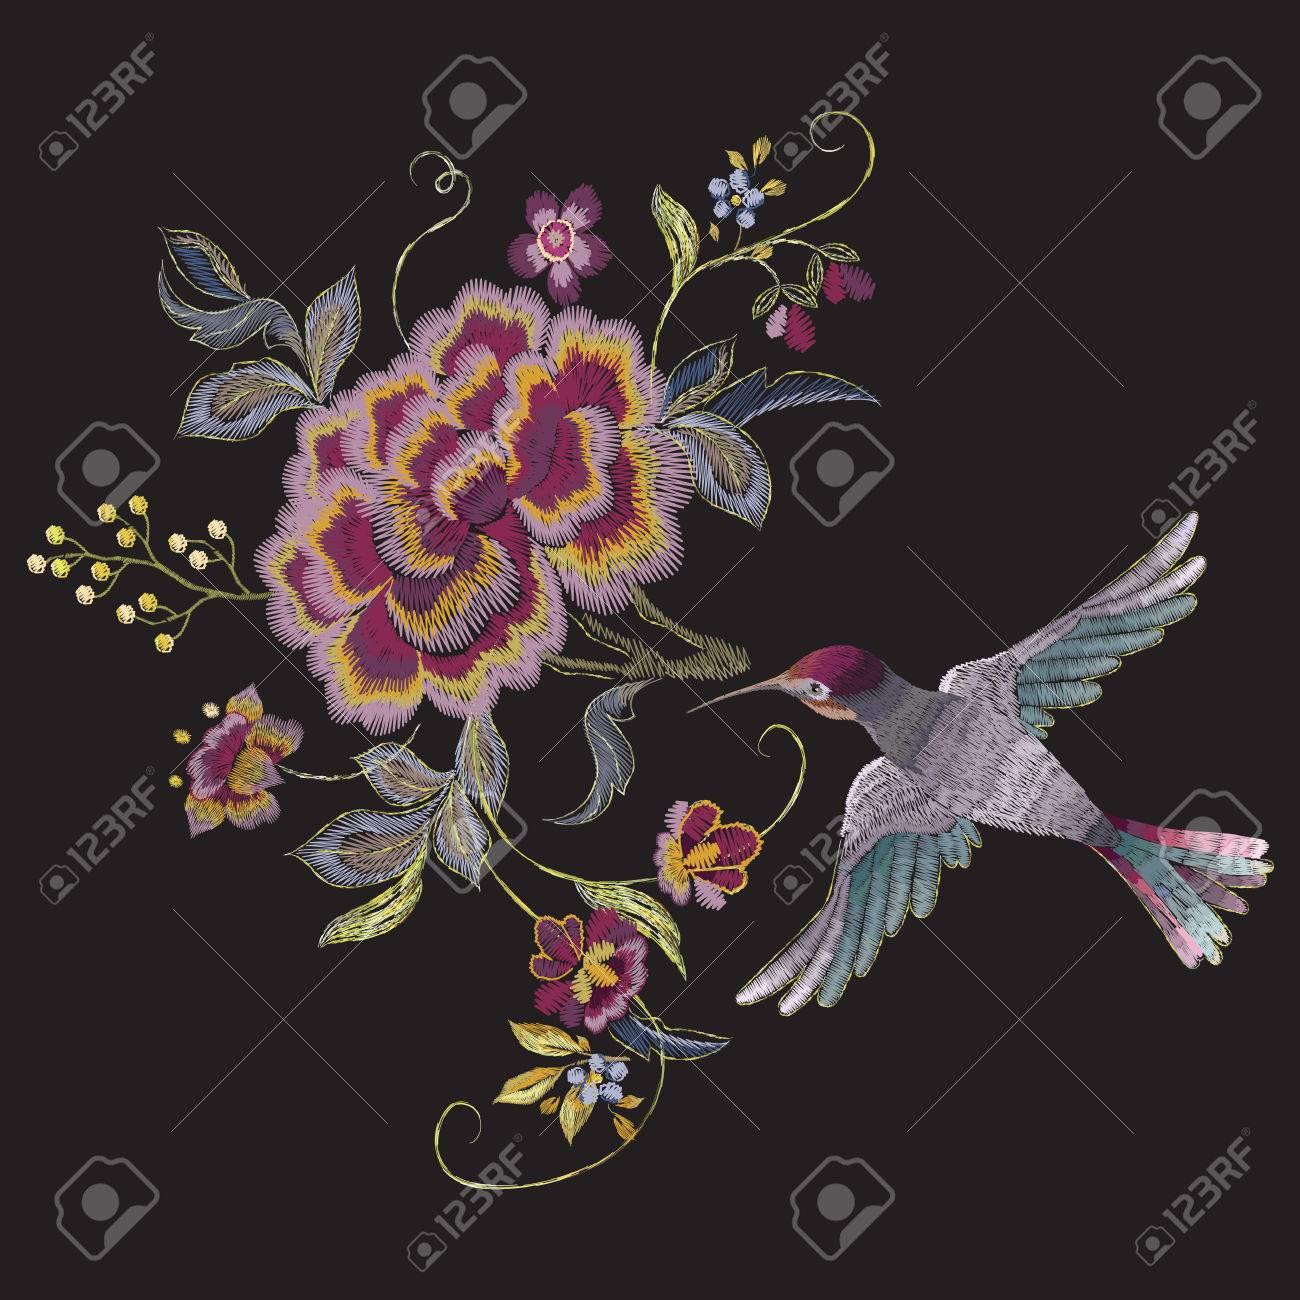 Bordado Patron Floral Oriental Con Aves Y Rosas Vector Etnico